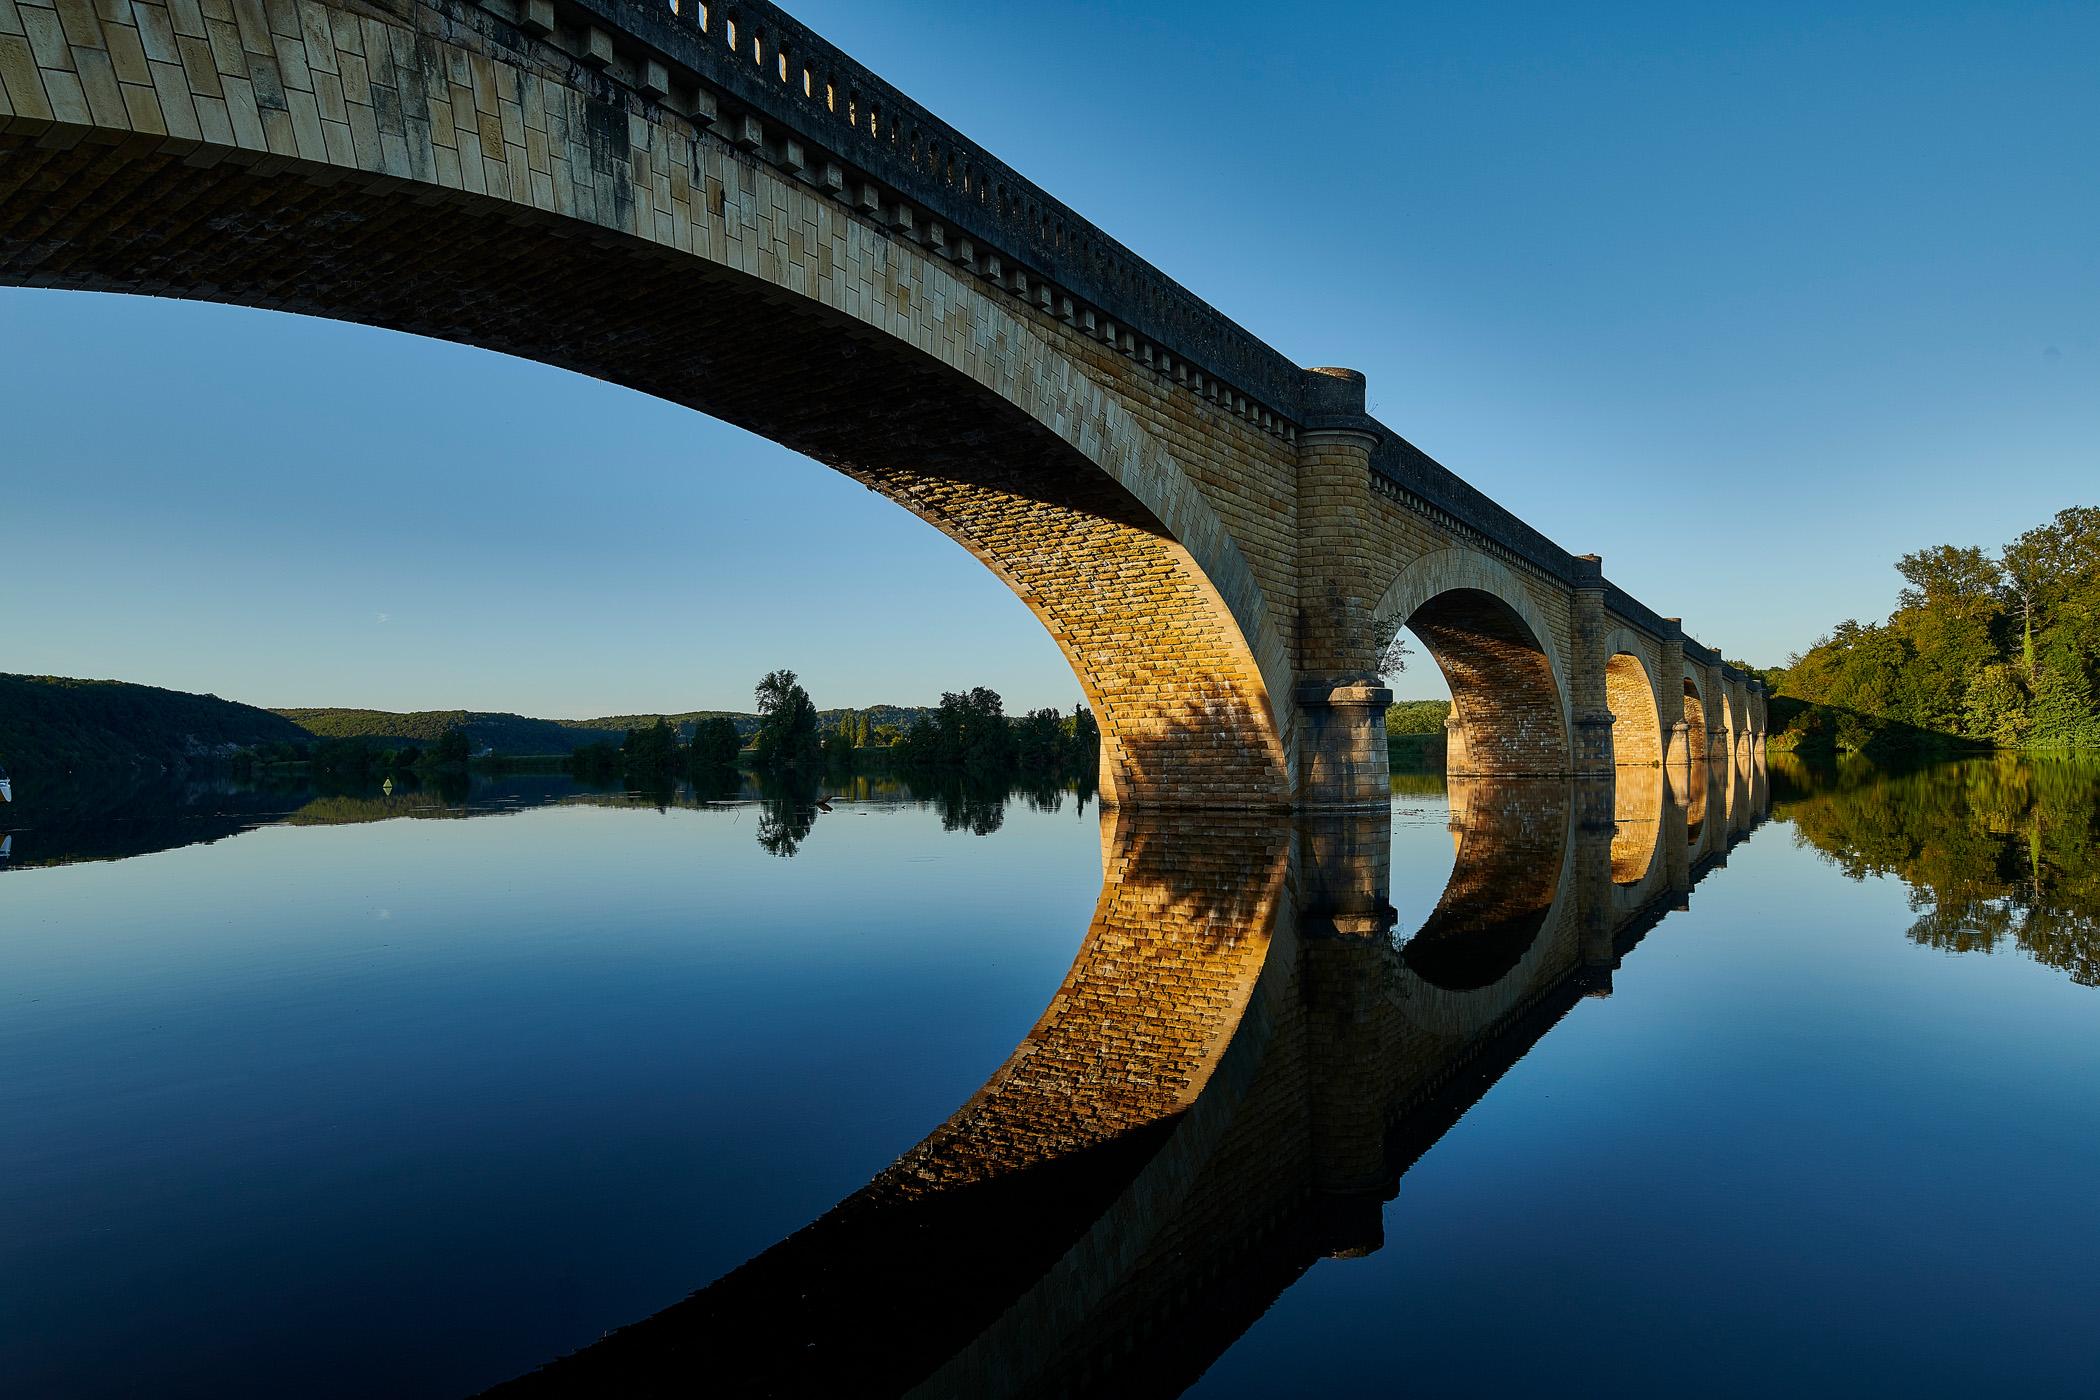 die Brücke über die Dordogne bei Mauzac - Fotografie für das Hotel la métairie in der Dordogne